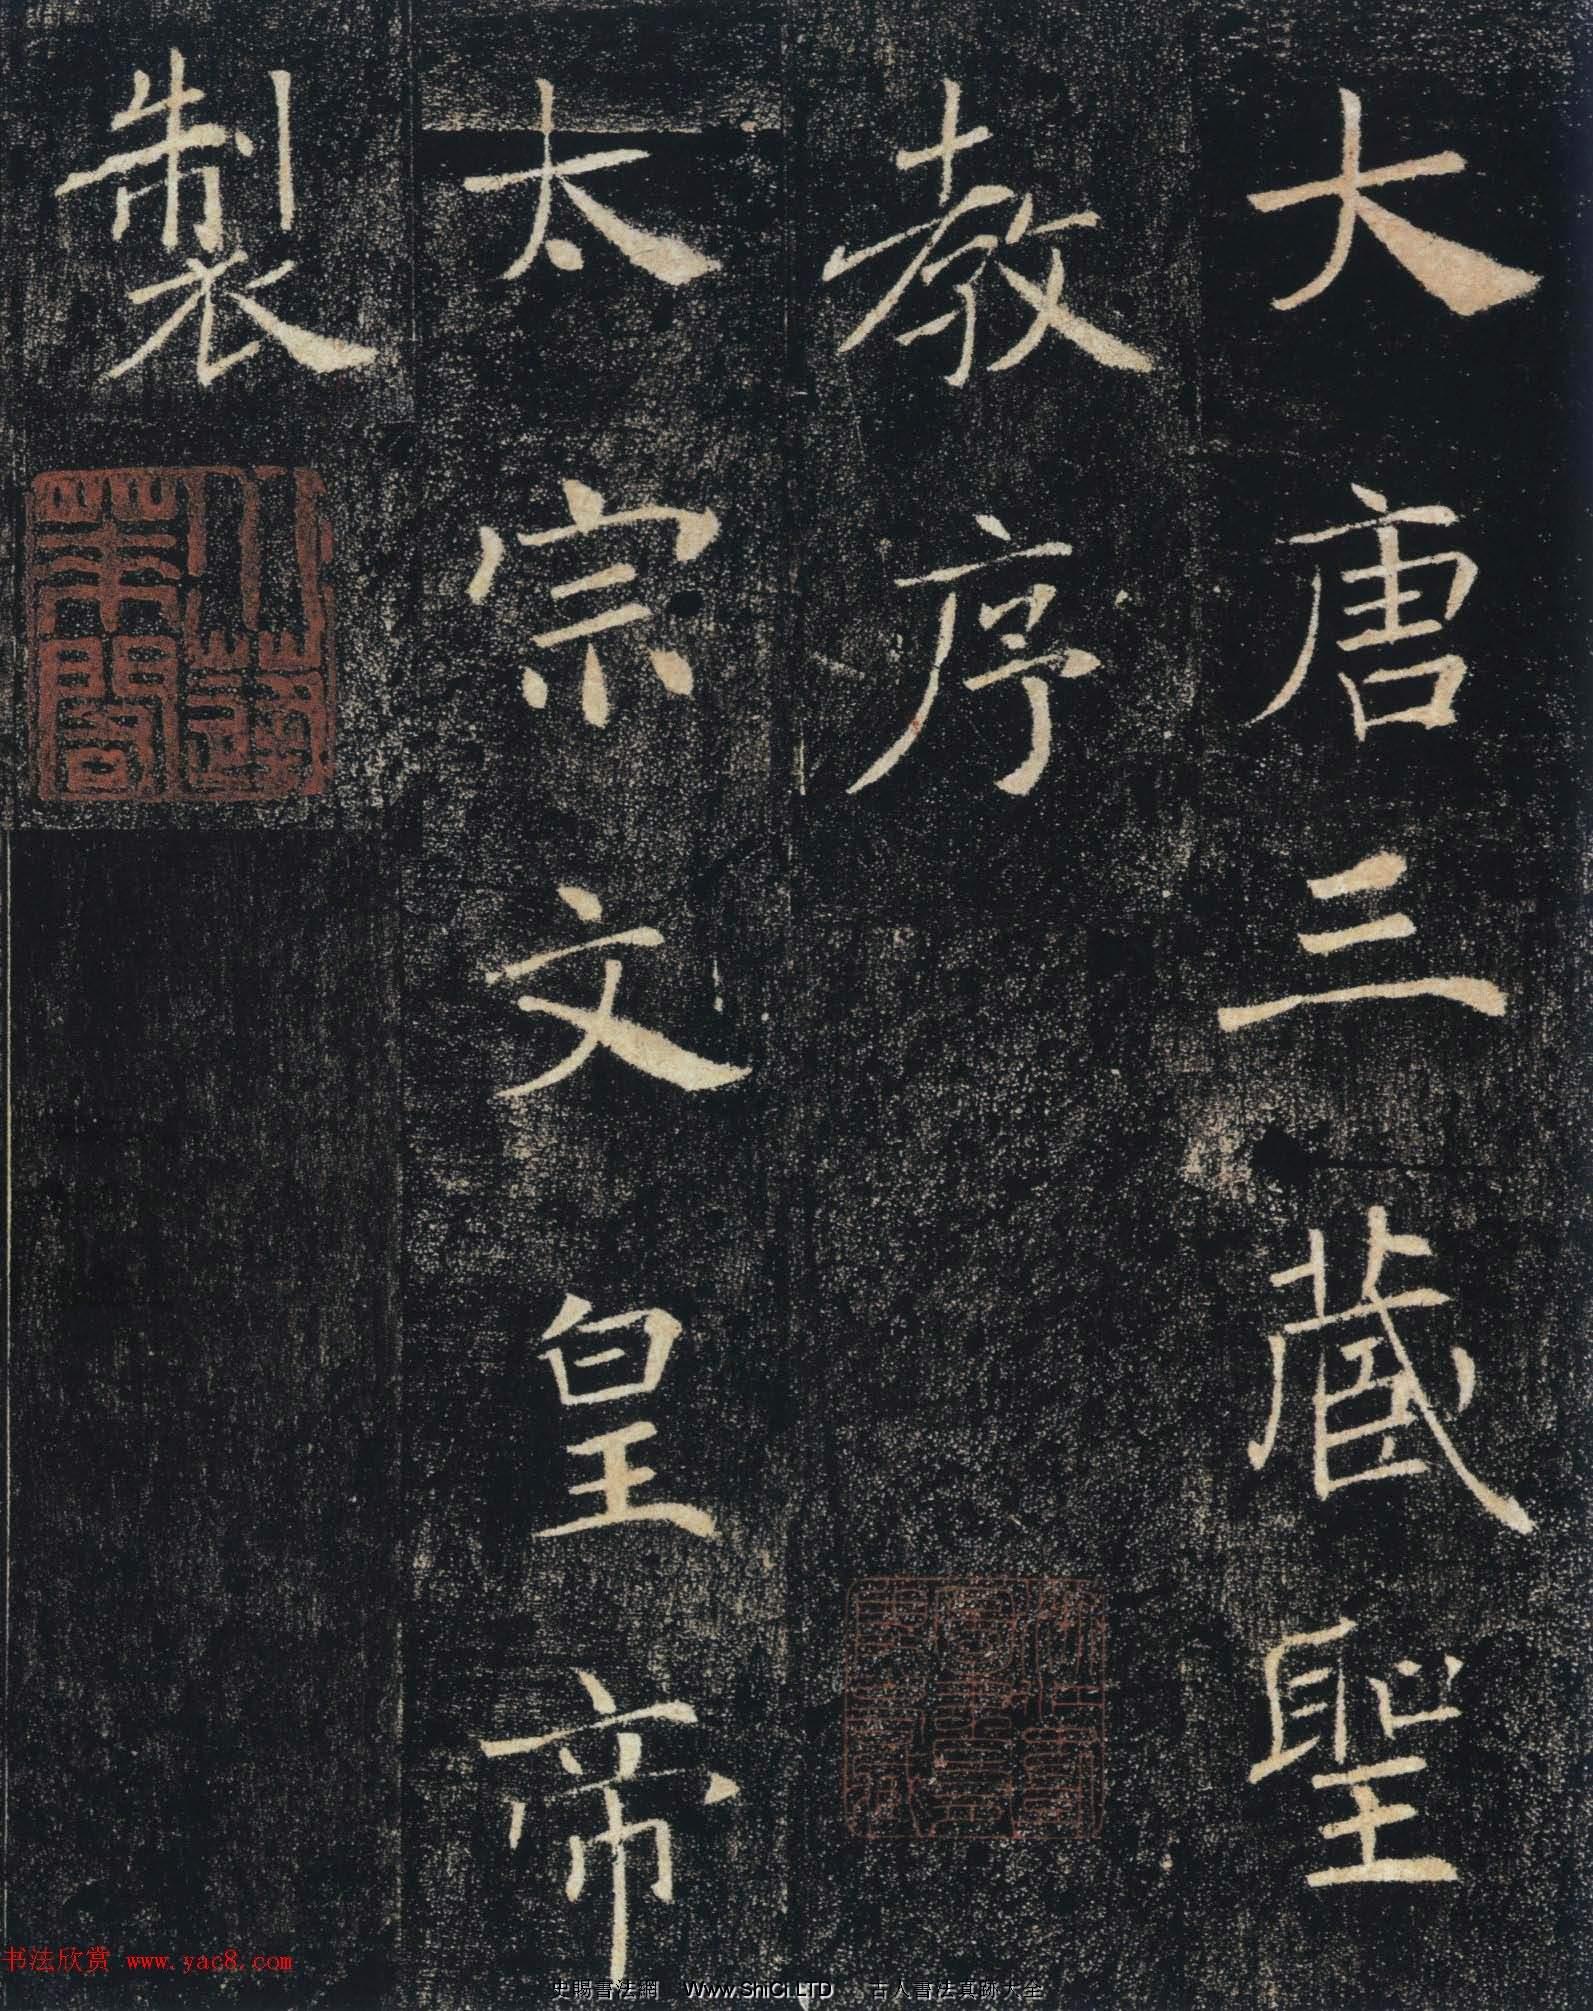 褚遂良楷書精品《大唐三藏聖教序》高清大圖(共42張圖片)